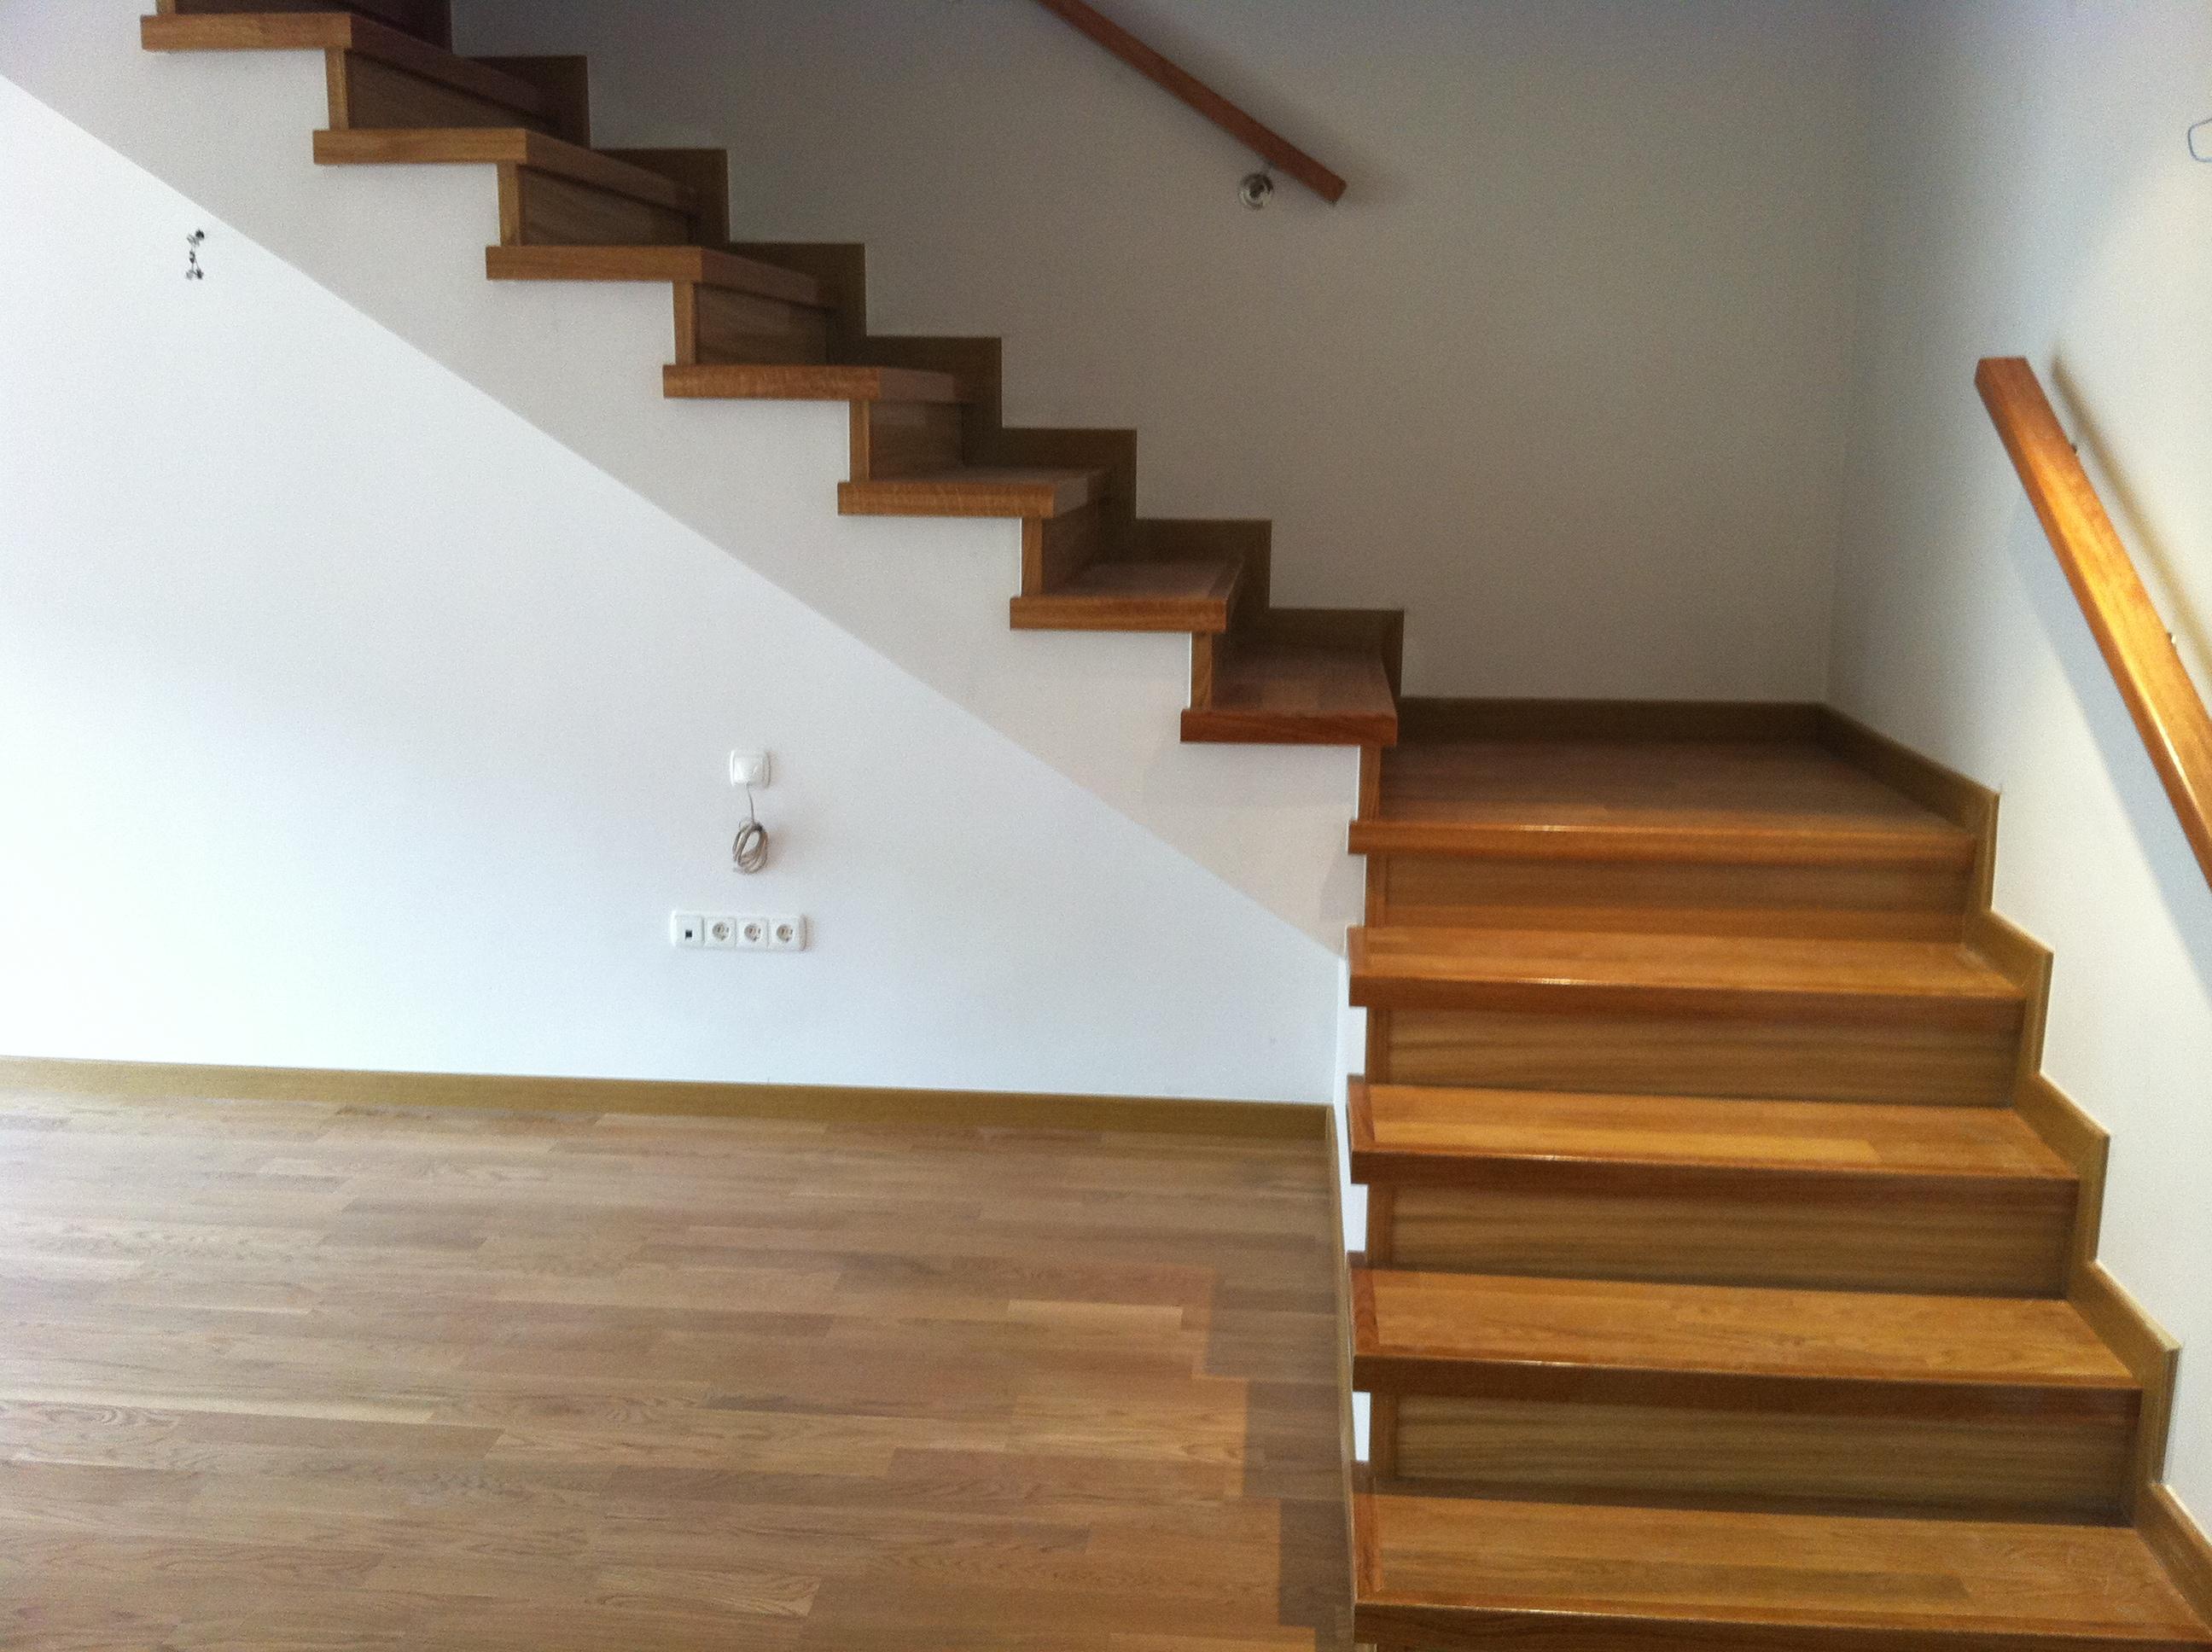 Escaleras y escalones de madera a medida en granada - Escaleras a medida ...